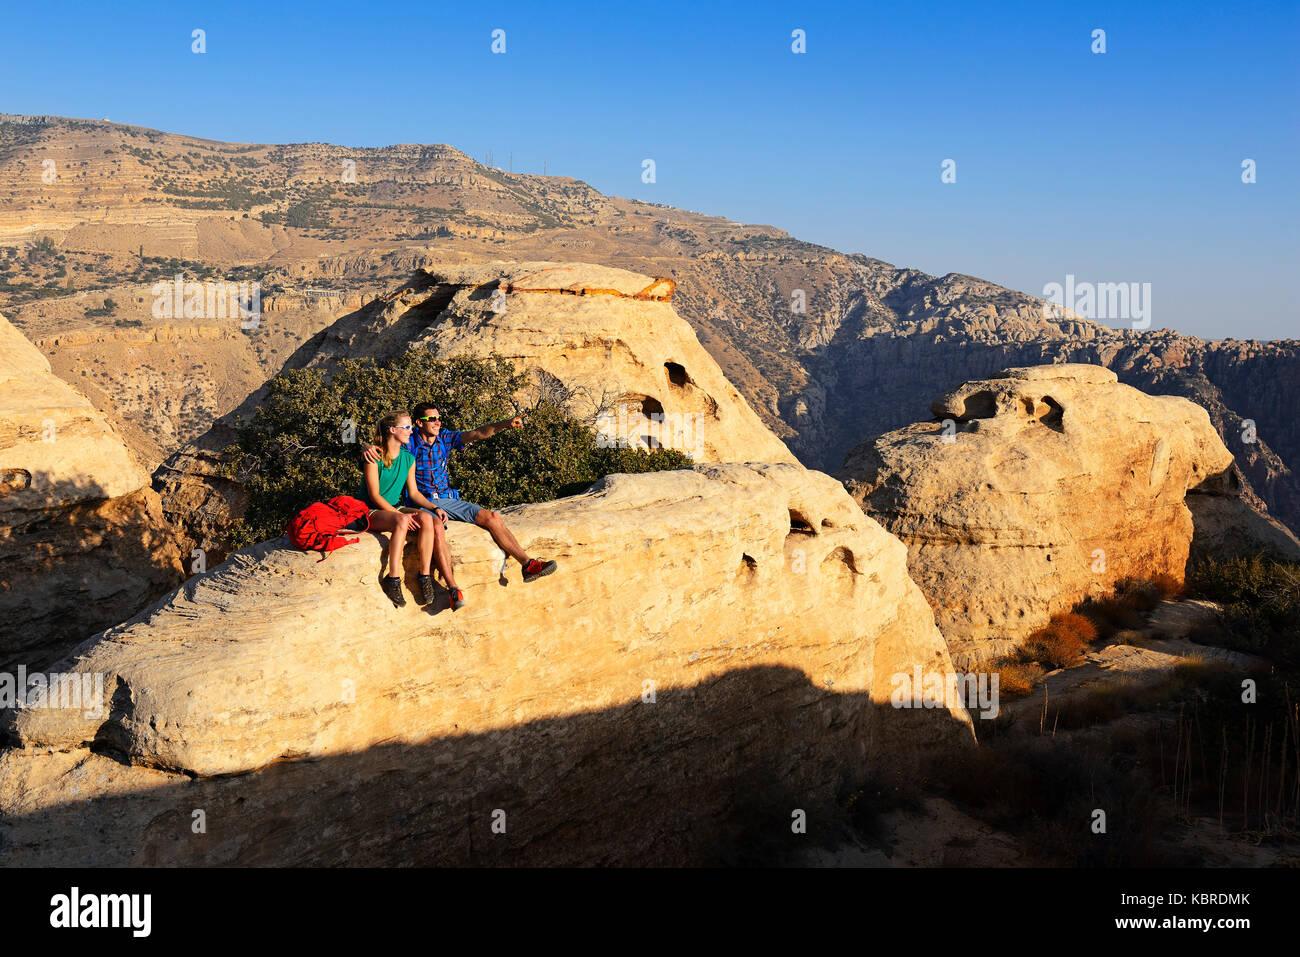 Wanderer am White dome Trail, Dana Biosphärenreservat, Dana, Jordanien Stockbild